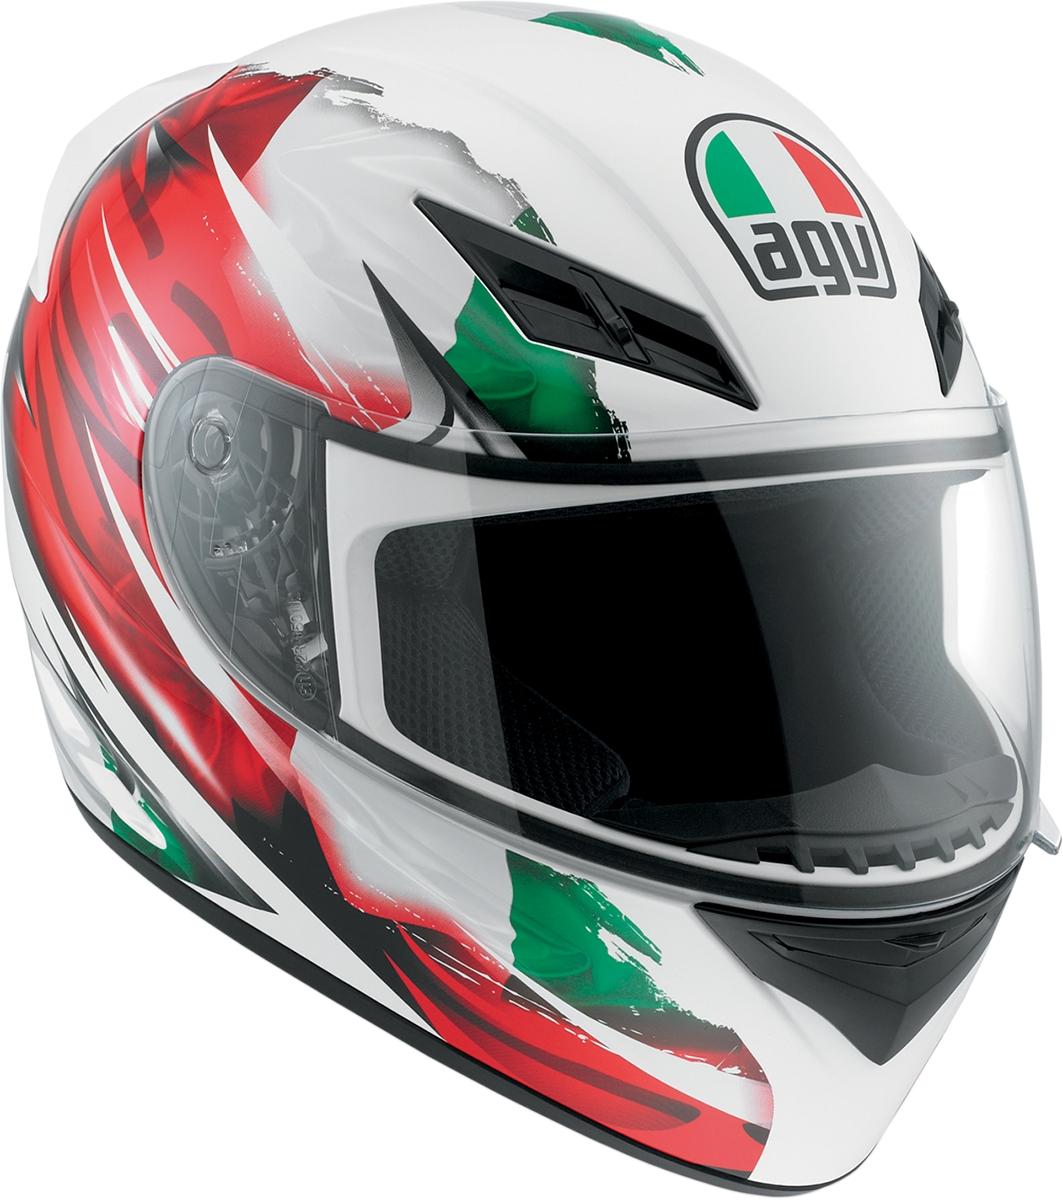 K3 Italy Flag Helmet